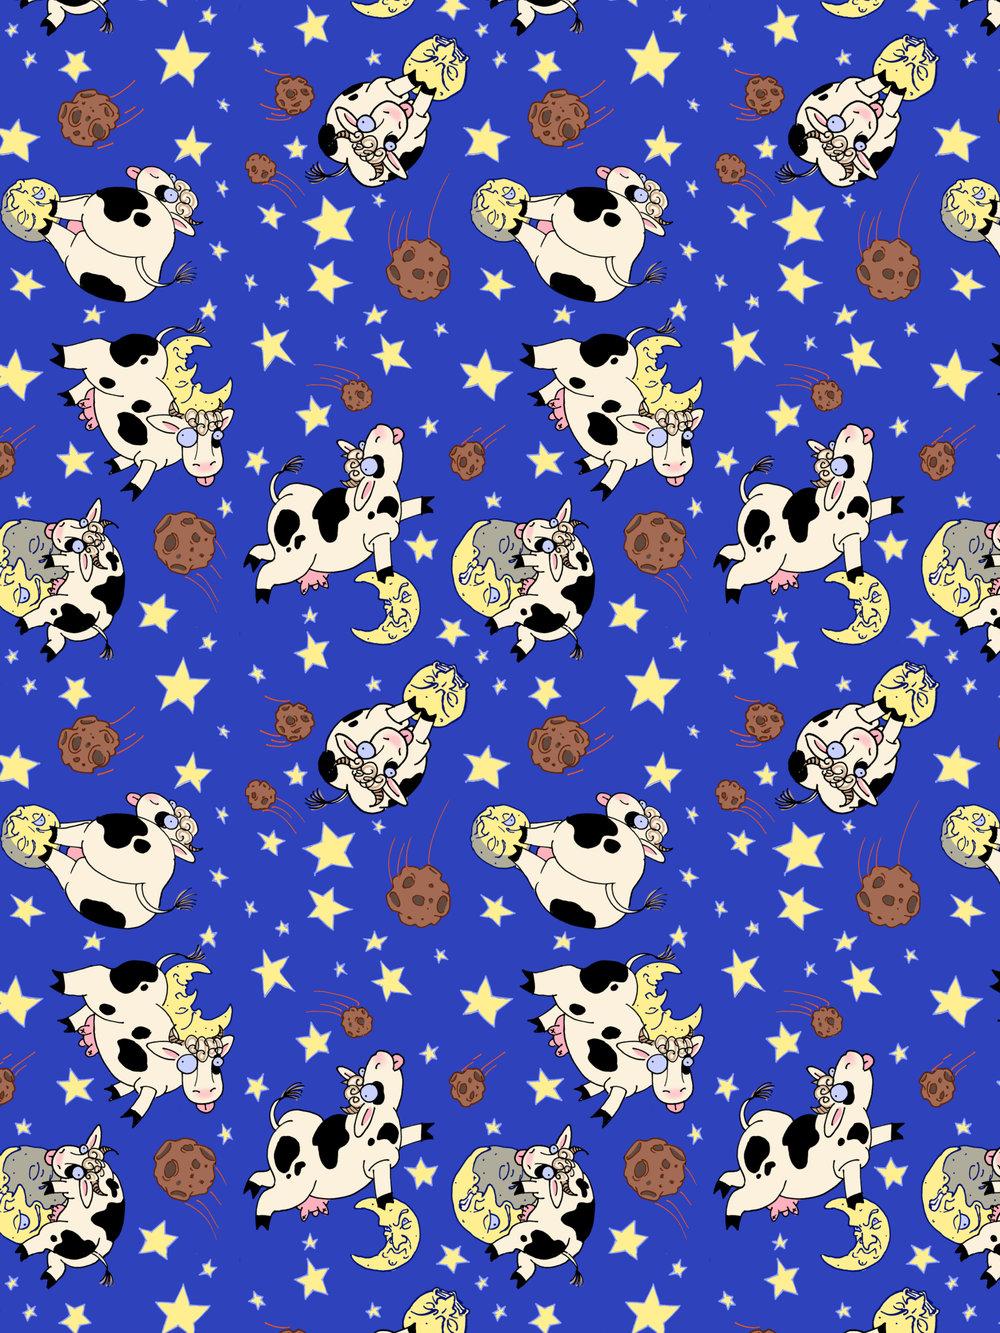 cow patttern color 2.jpg